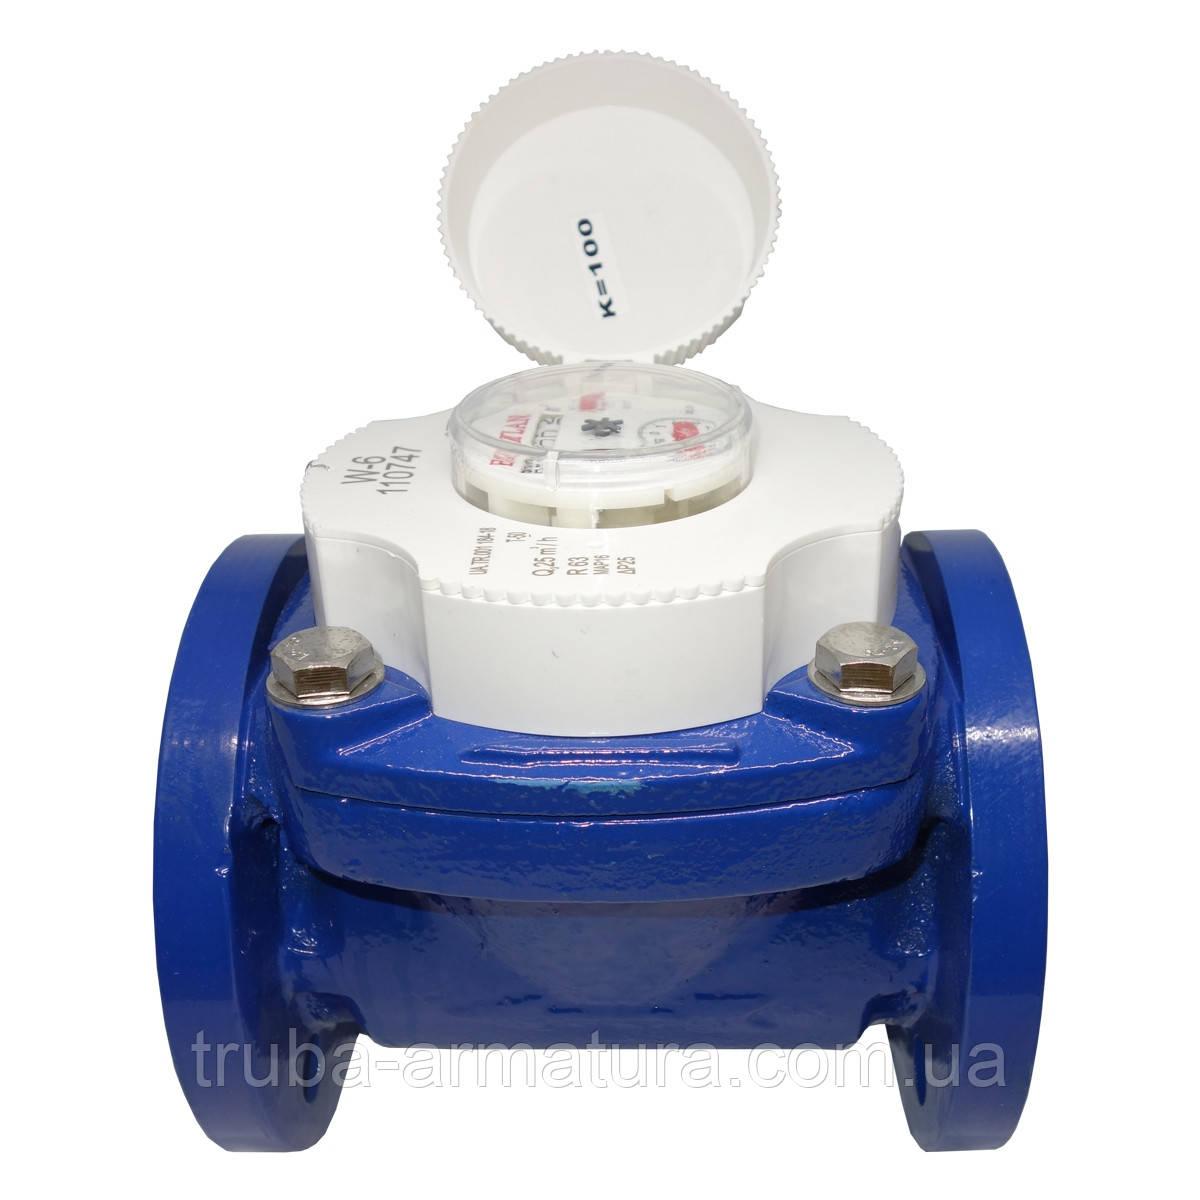 Счетчик воды турбинный фланцевый Baylan W-5 Ду 200